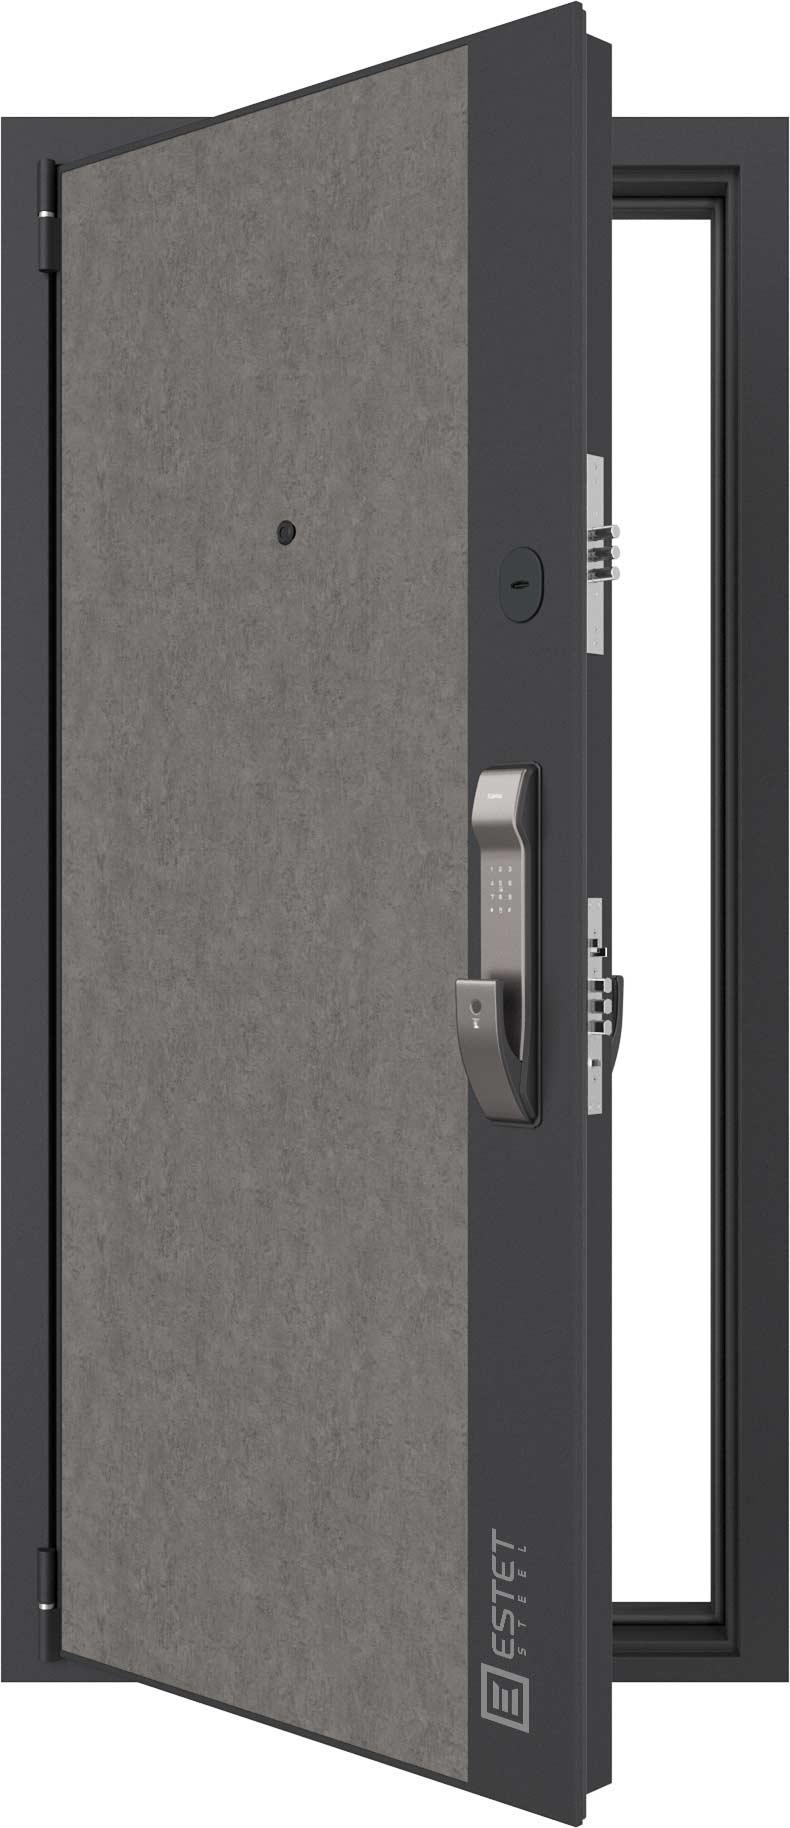 Входная дверь Дверь Лофт SMART 5.2 с электронным замком